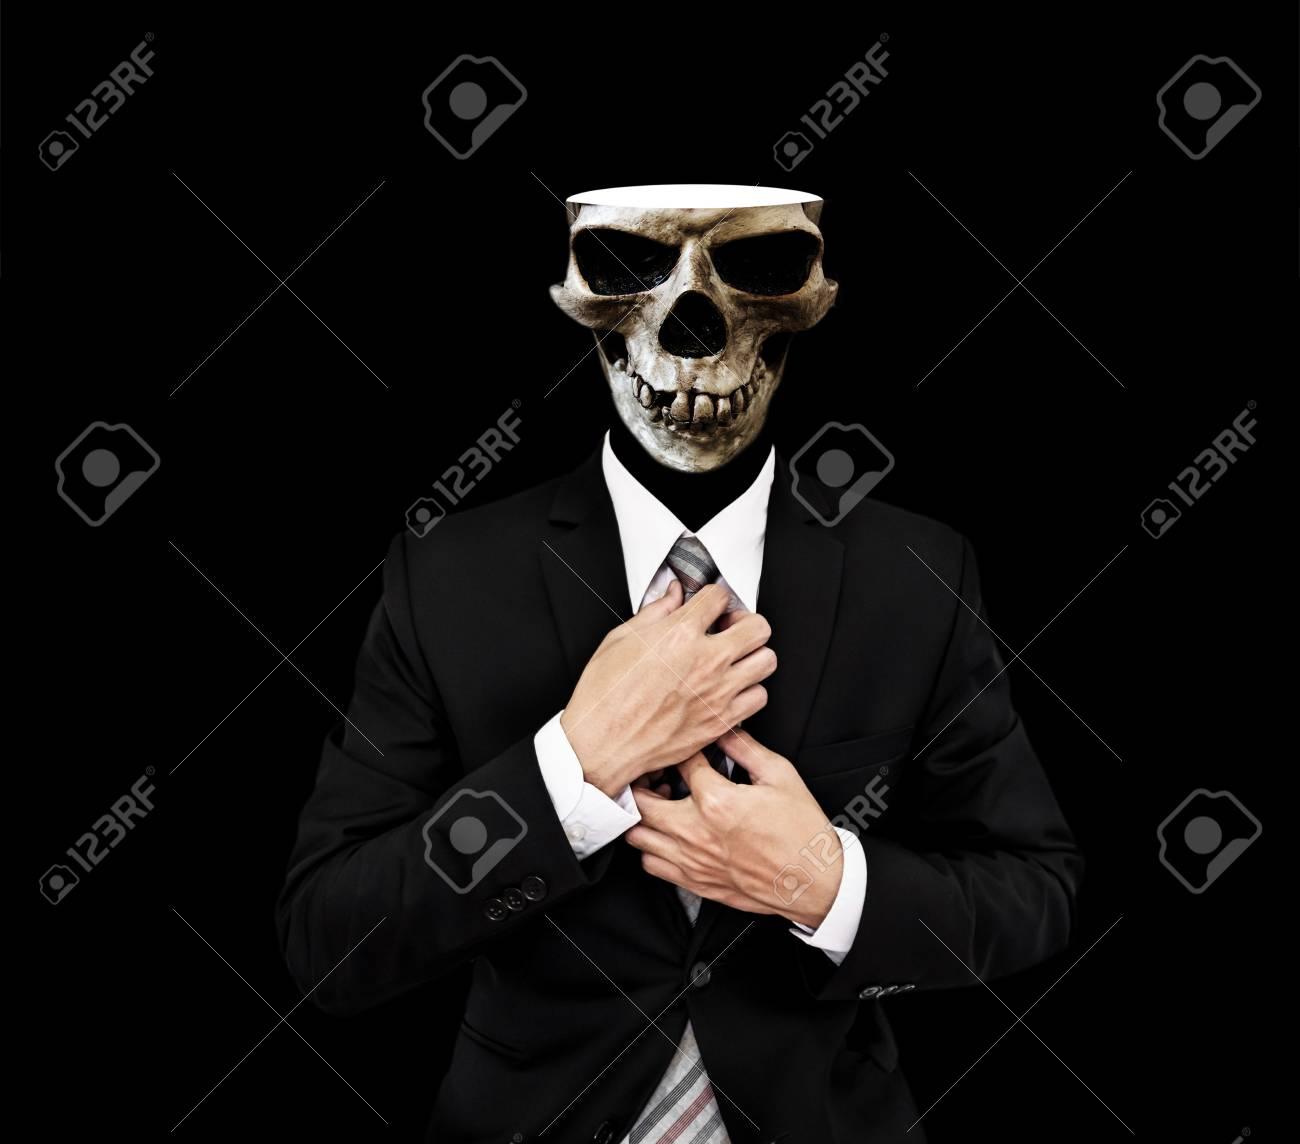 Foto de archivo - Hombre de negocios de cráneo en traje negro ec8b4e03388